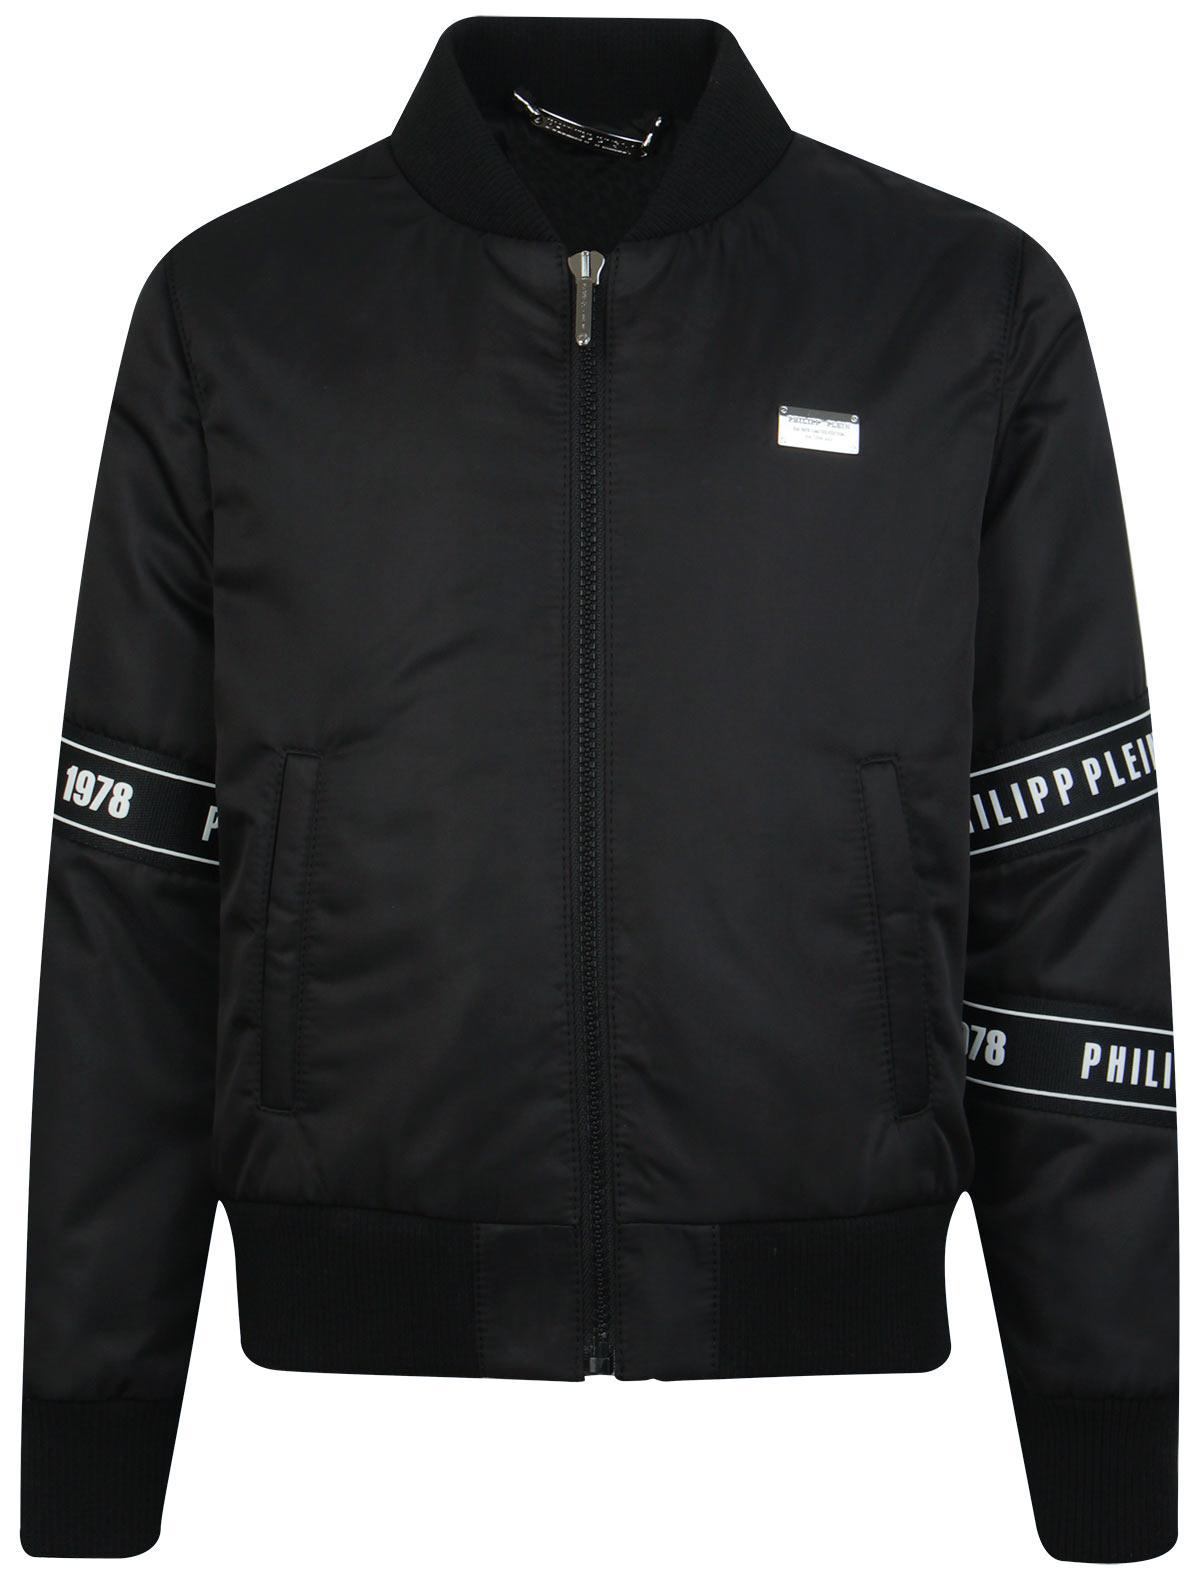 Купить 1963371, Куртка Philipp Plein, черный, Мужской, 1071119970033